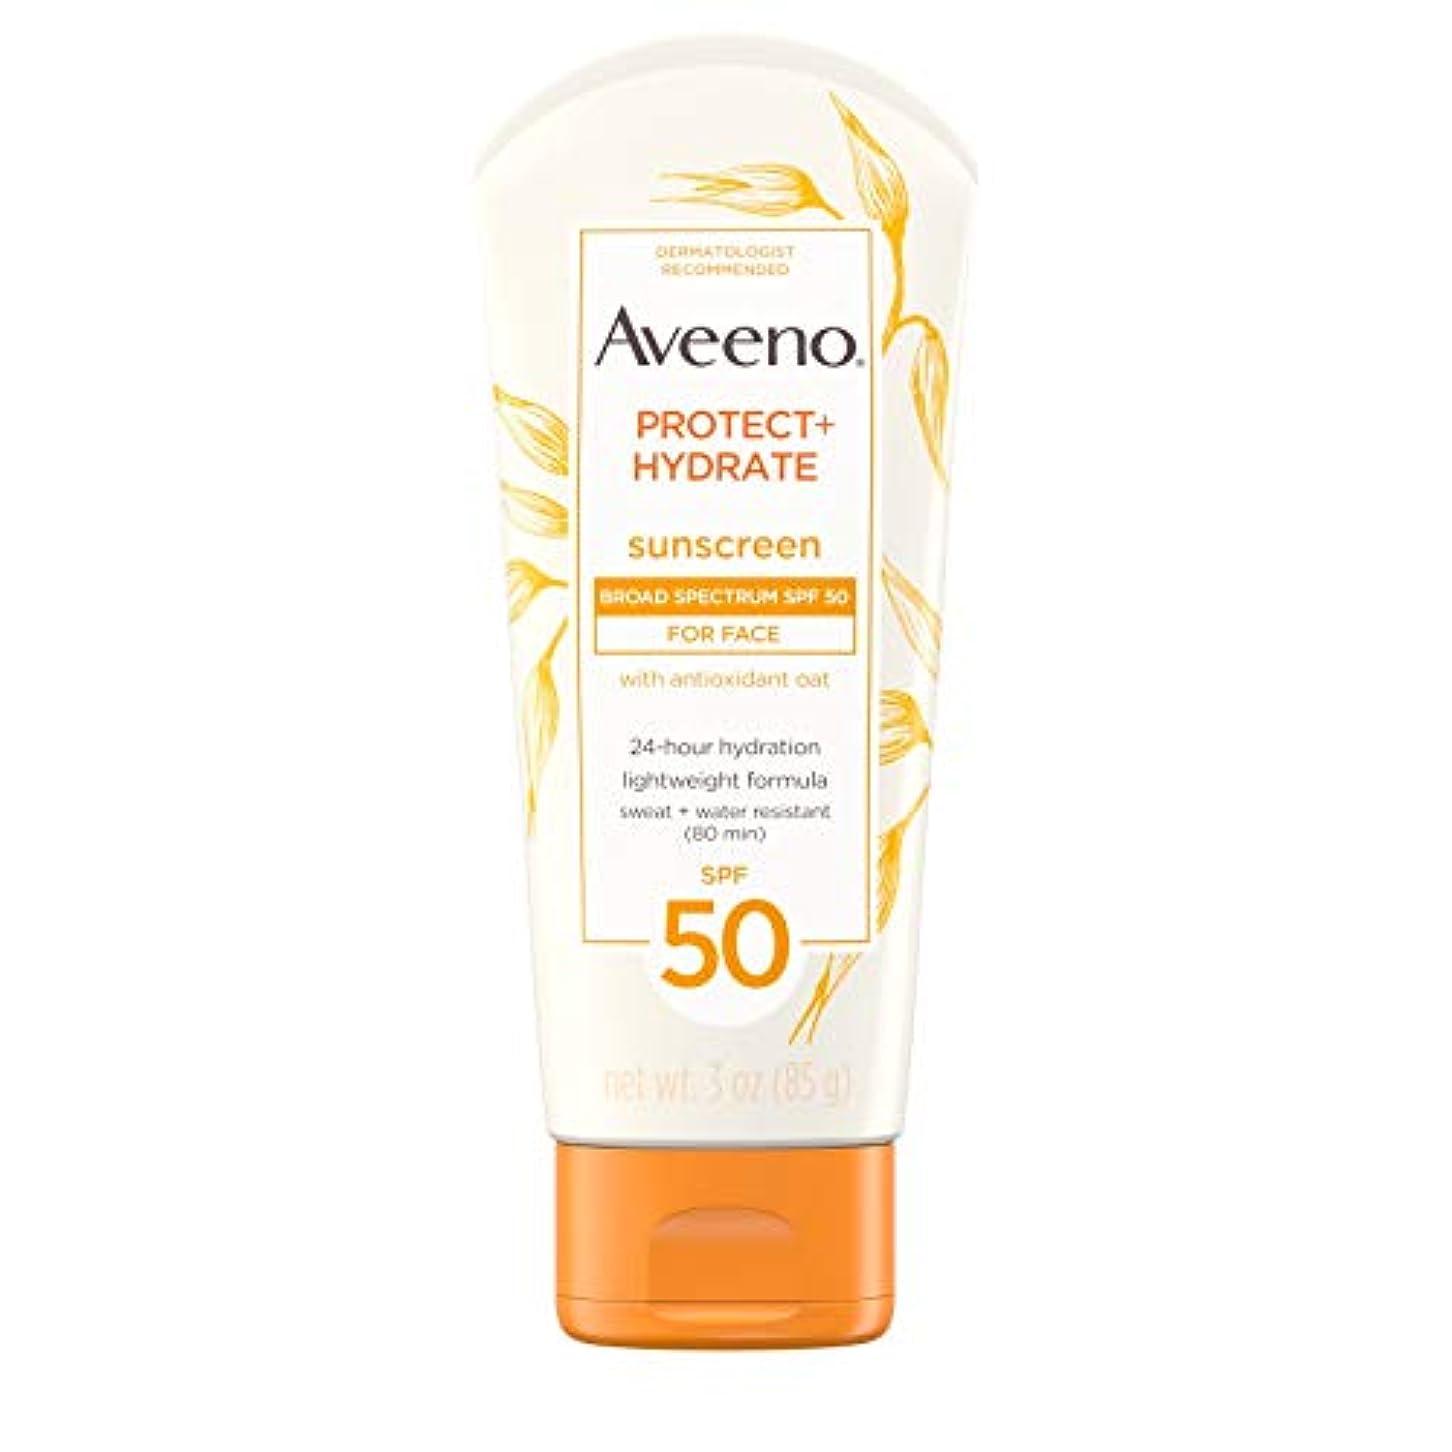 浴室億他の日Aveeno アビーノ 日焼け止め ローションSPF-50 protect+hydrate Sunscreen Lotion(平行輸入品) 85g (3Oz)